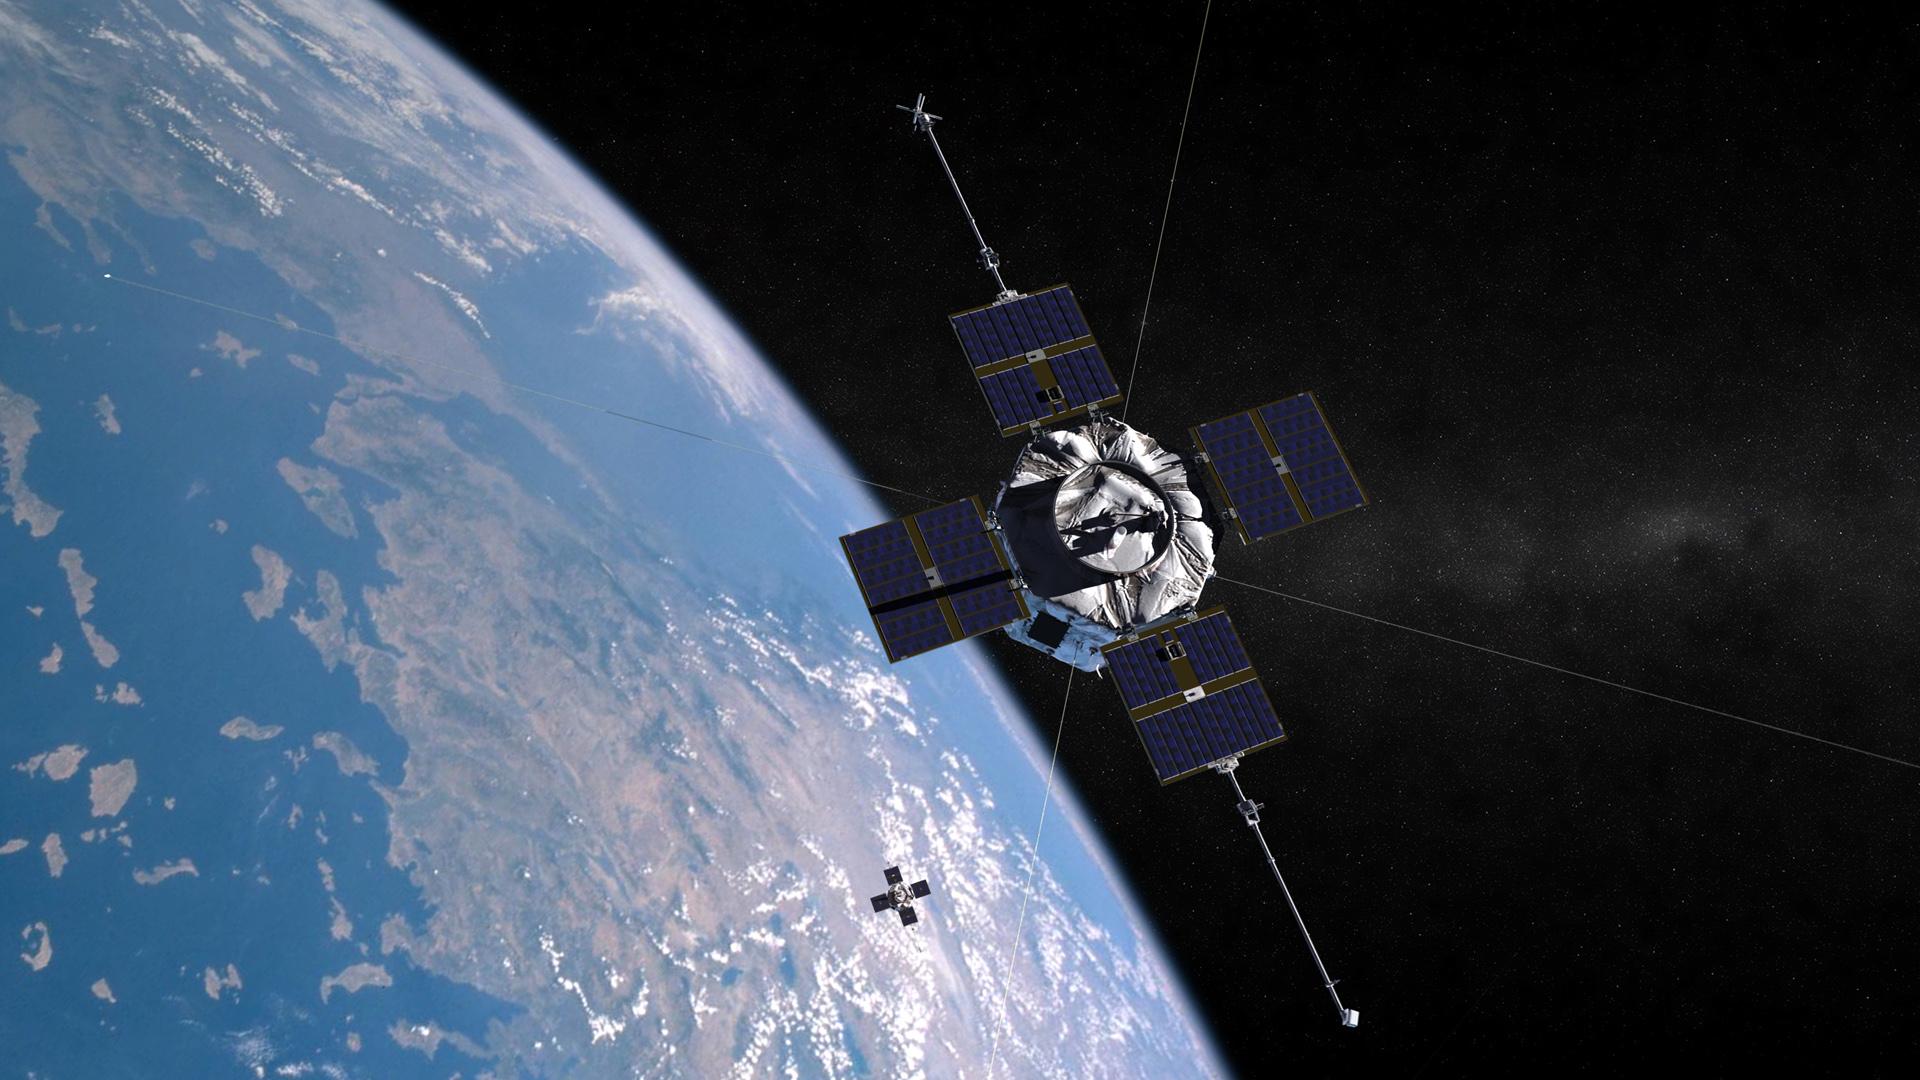 Probes in Orbit Spot Radiation Belt Zap from the Sun